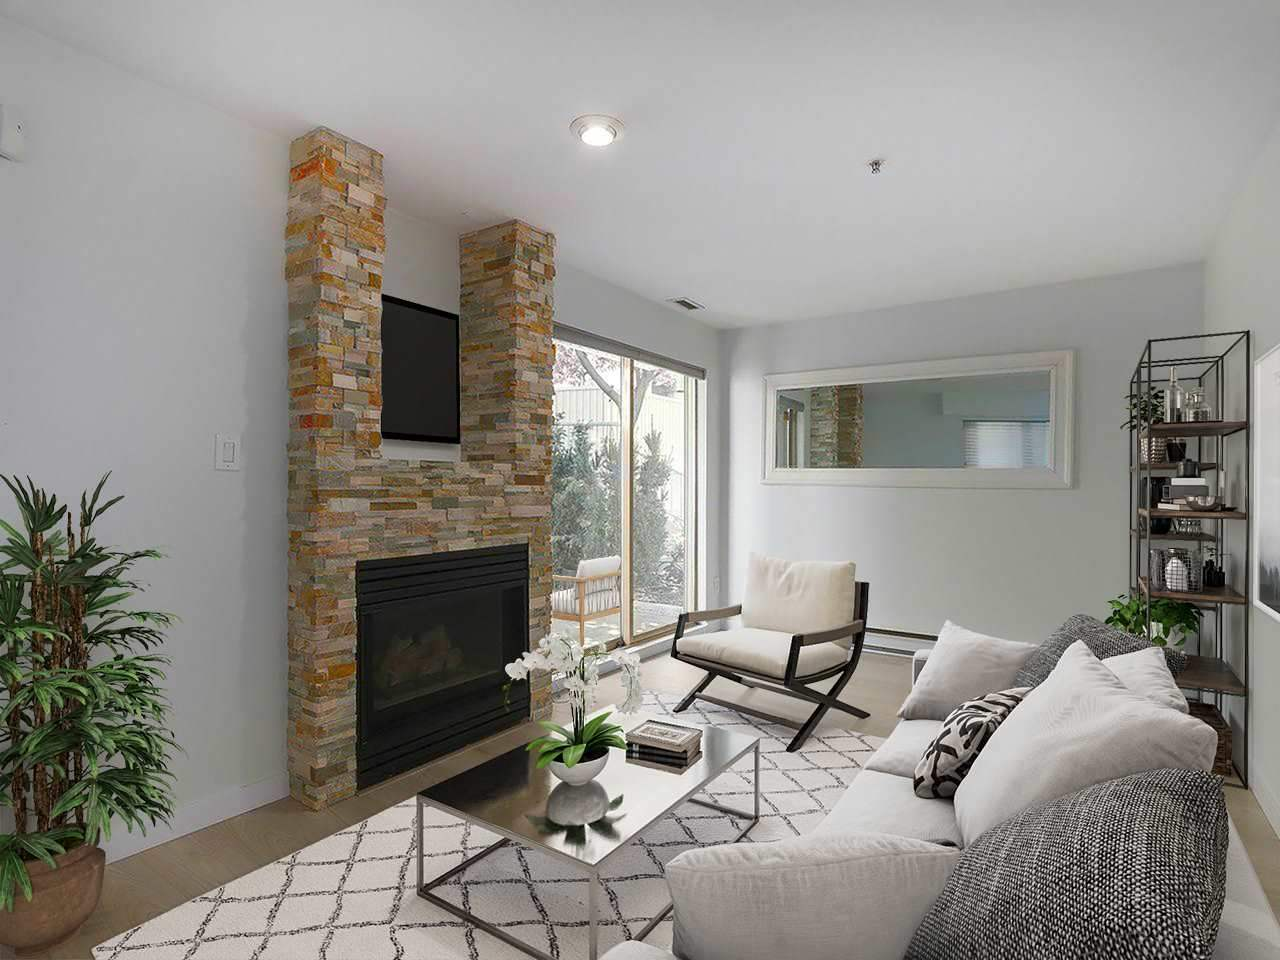 102 1820 W 3RD AVENUE - Kitsilano Apartment/Condo for sale, 1 Bedroom (R2603716)